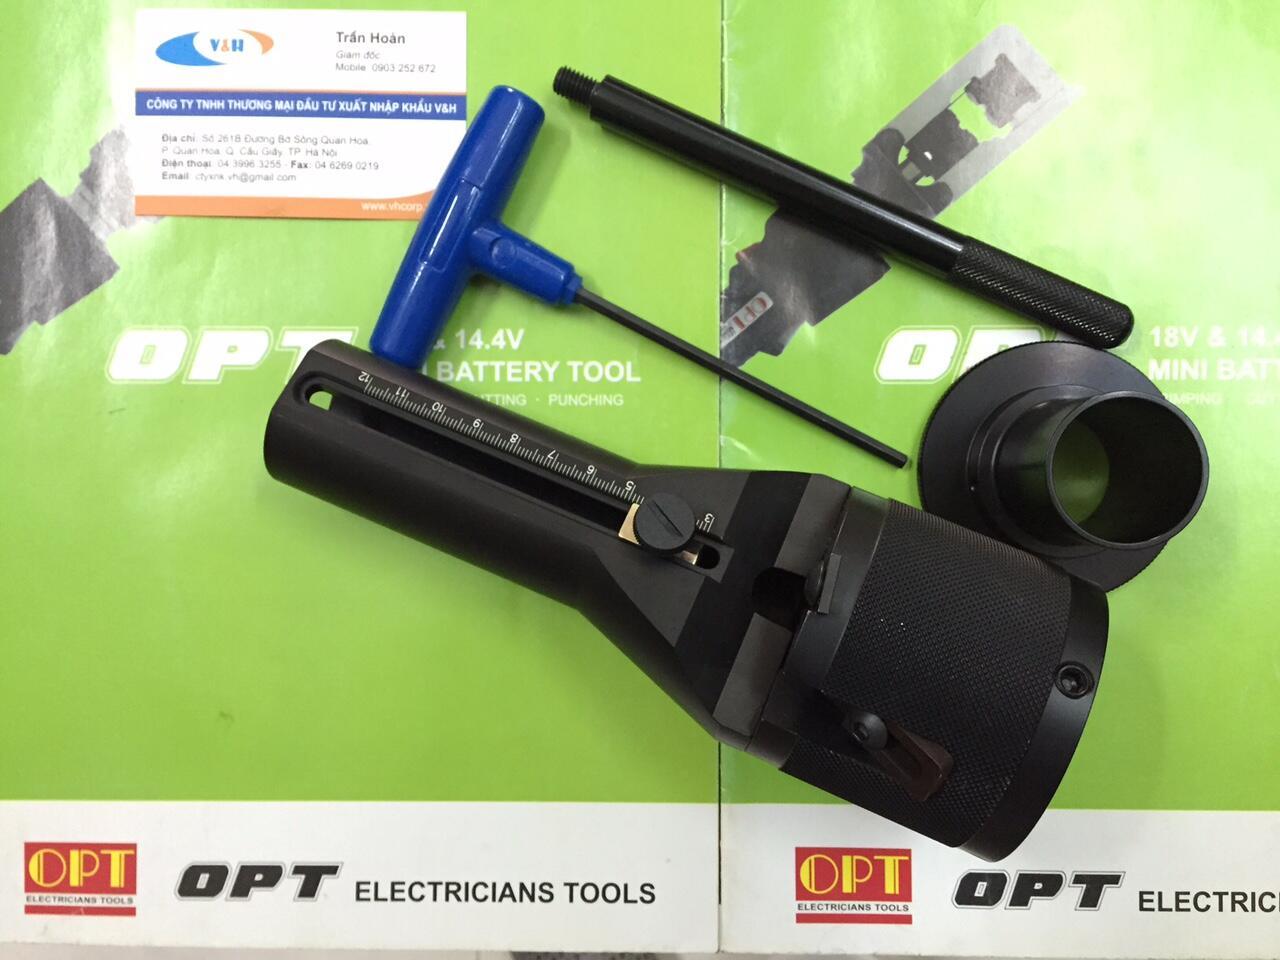 Bút vót đầu cáp OPT PG-10